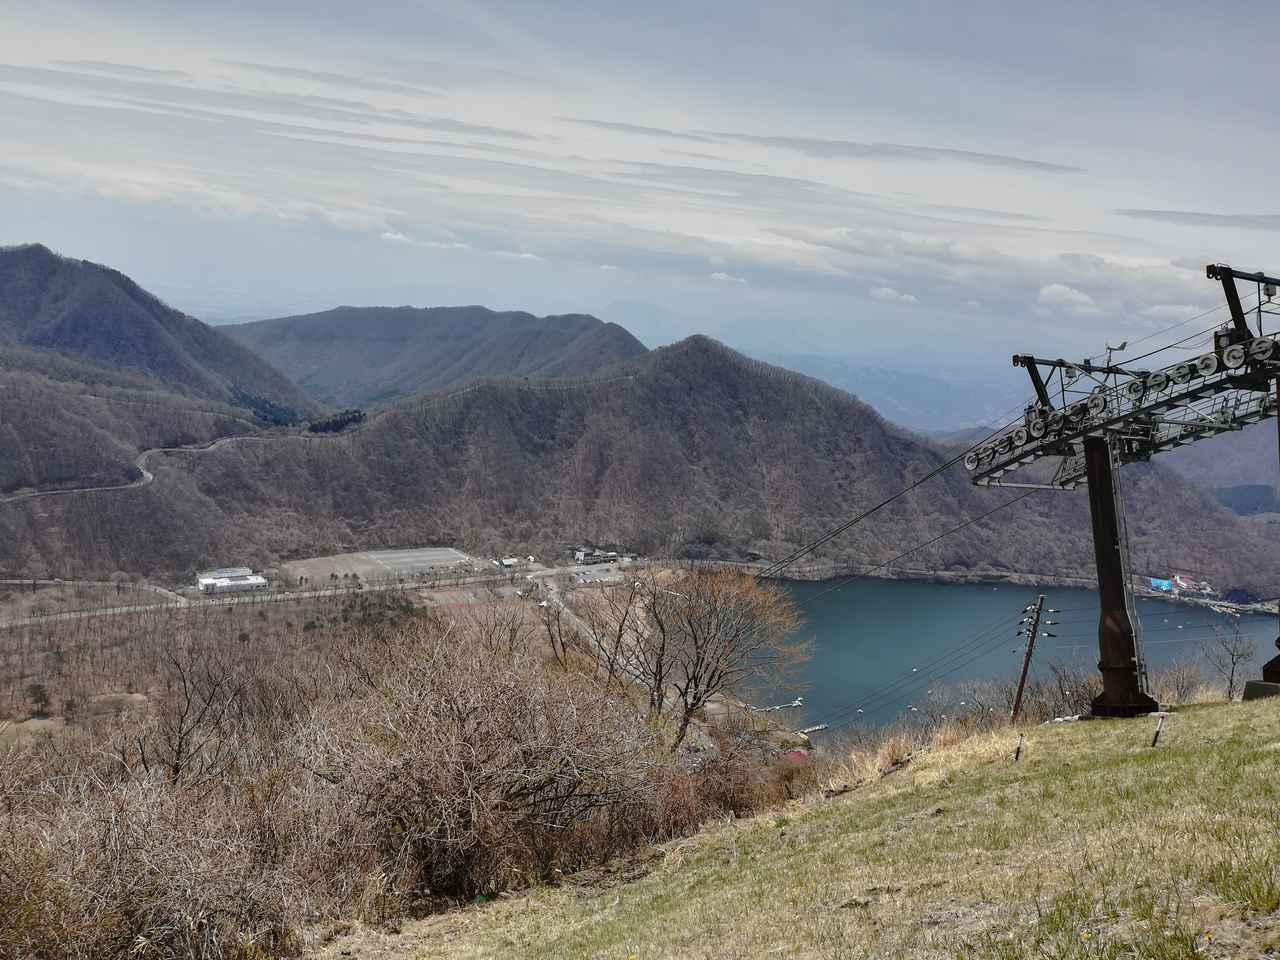 画像: 筆者撮影 榛名富士の陵線に沿ってロープウェイが動いている